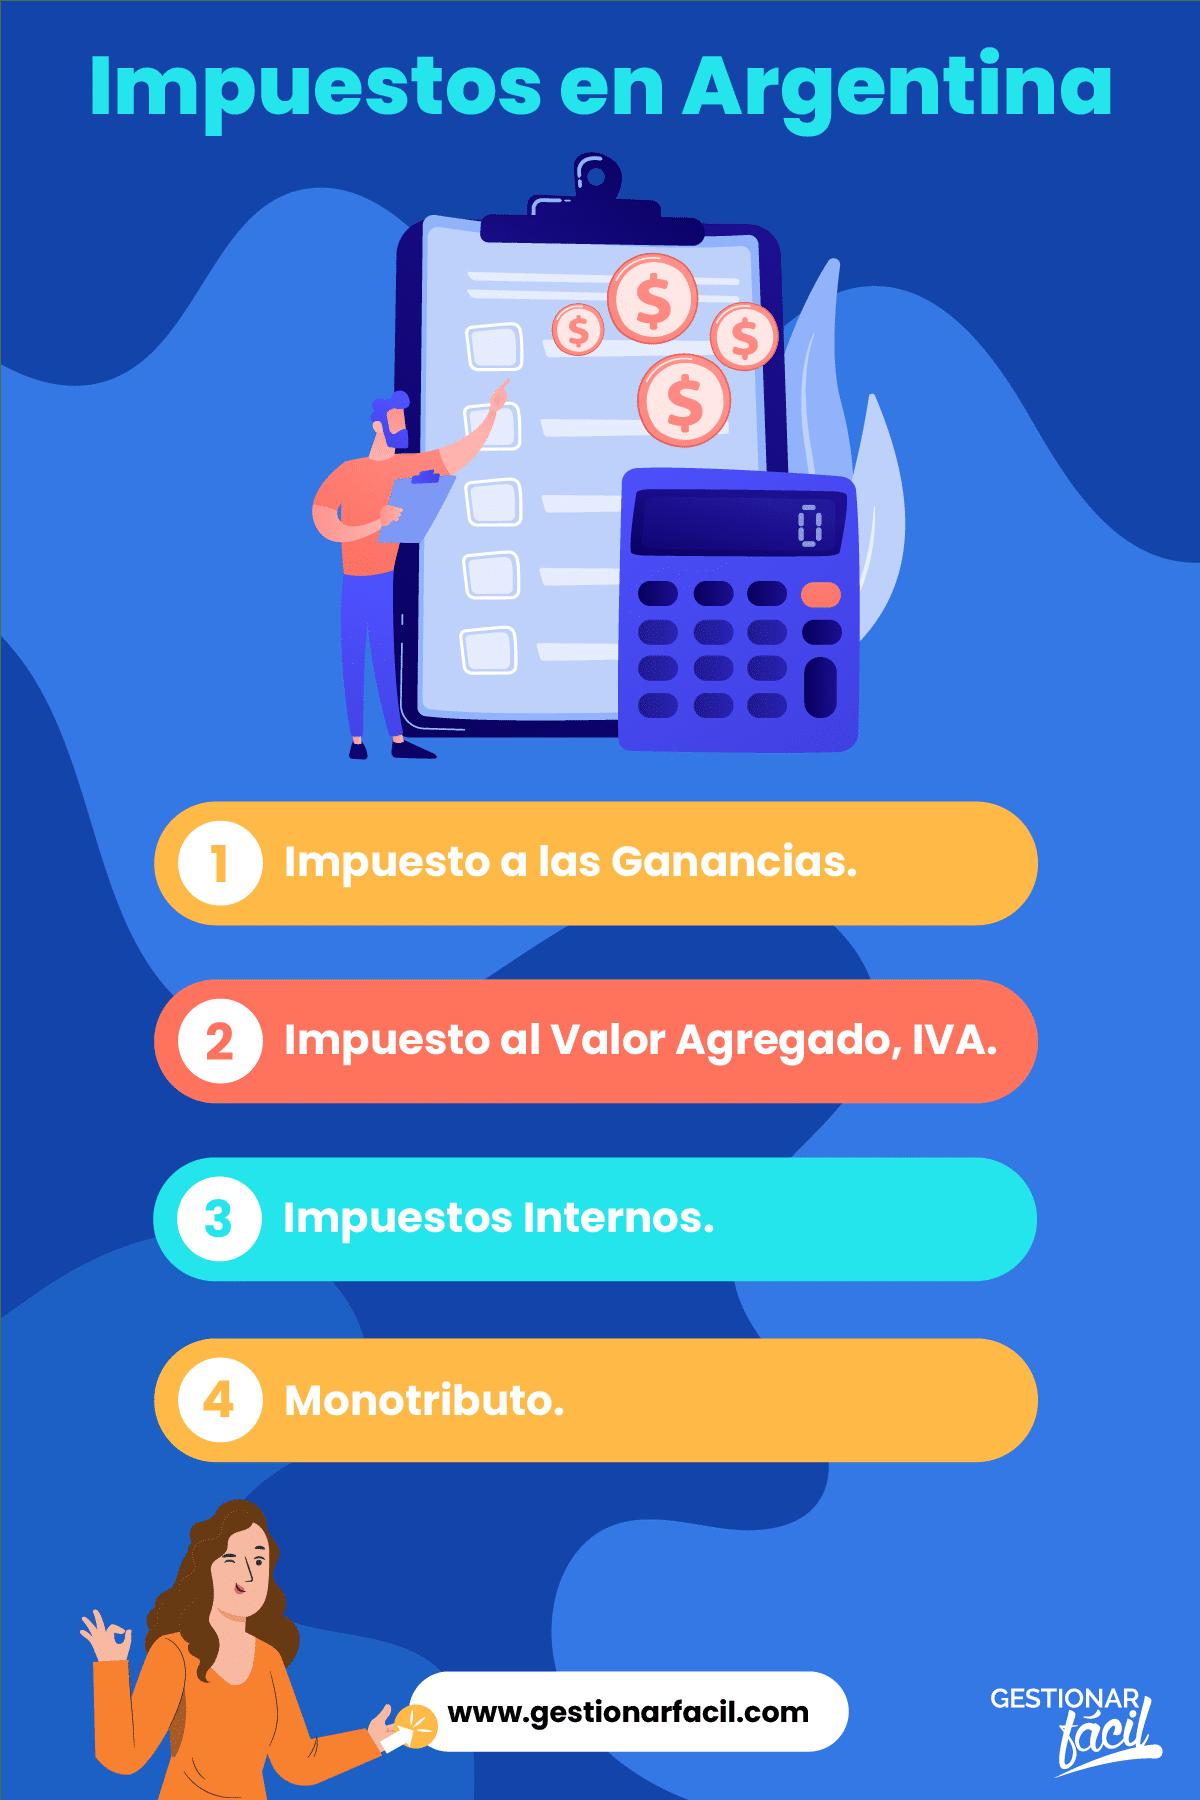 Impuestos en Argentina.